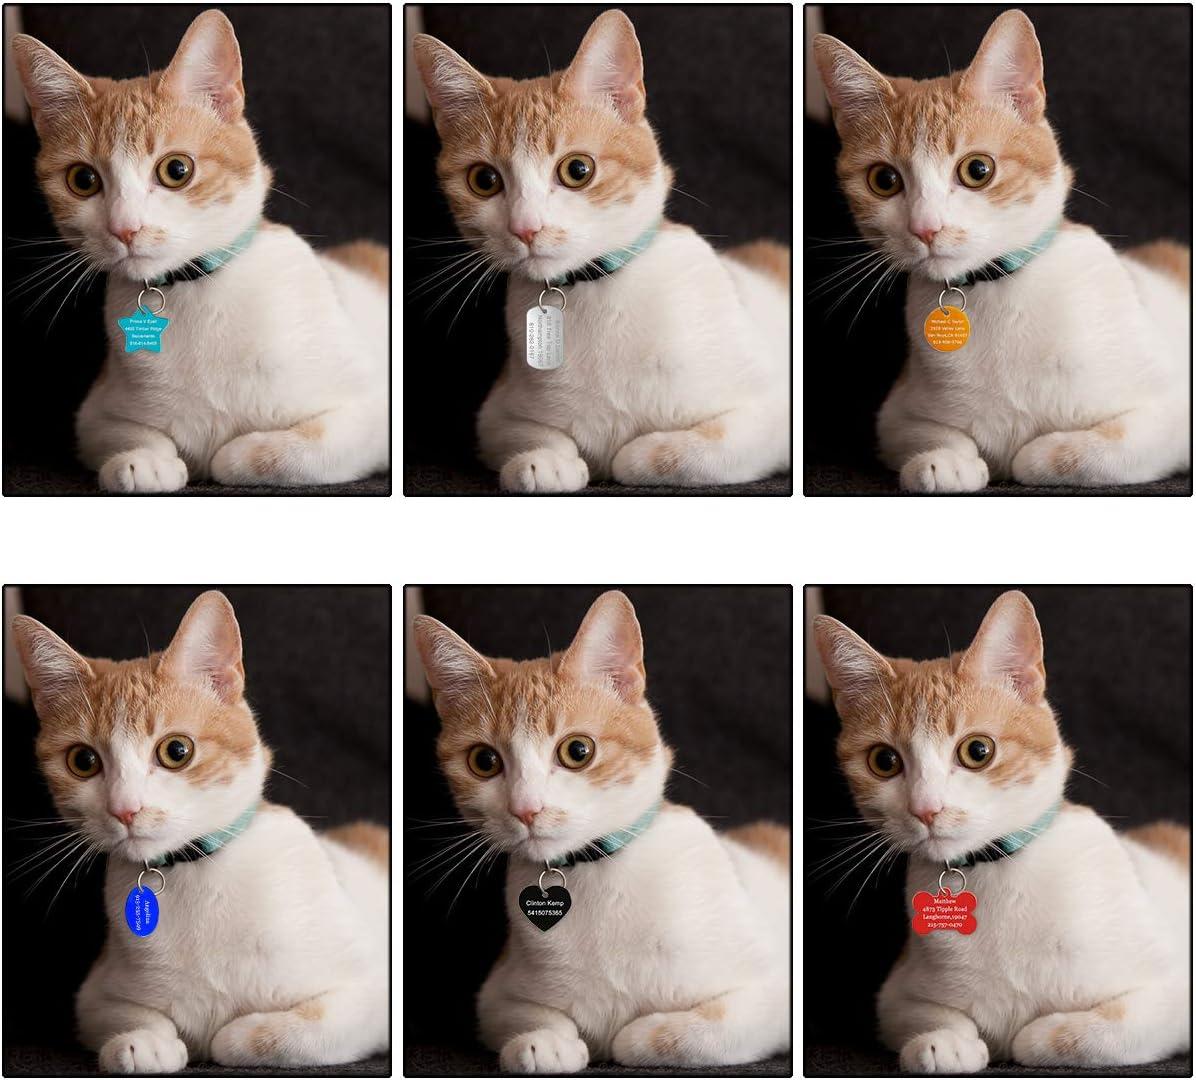 Etiqueta De Perro Personalizada De Acero Inoxidable y Etiqueta De Gato,9 Colores para Elegir GIFTSDIY Etiquetas De Identificaci/ón De Mascotas para Perros y Gatos